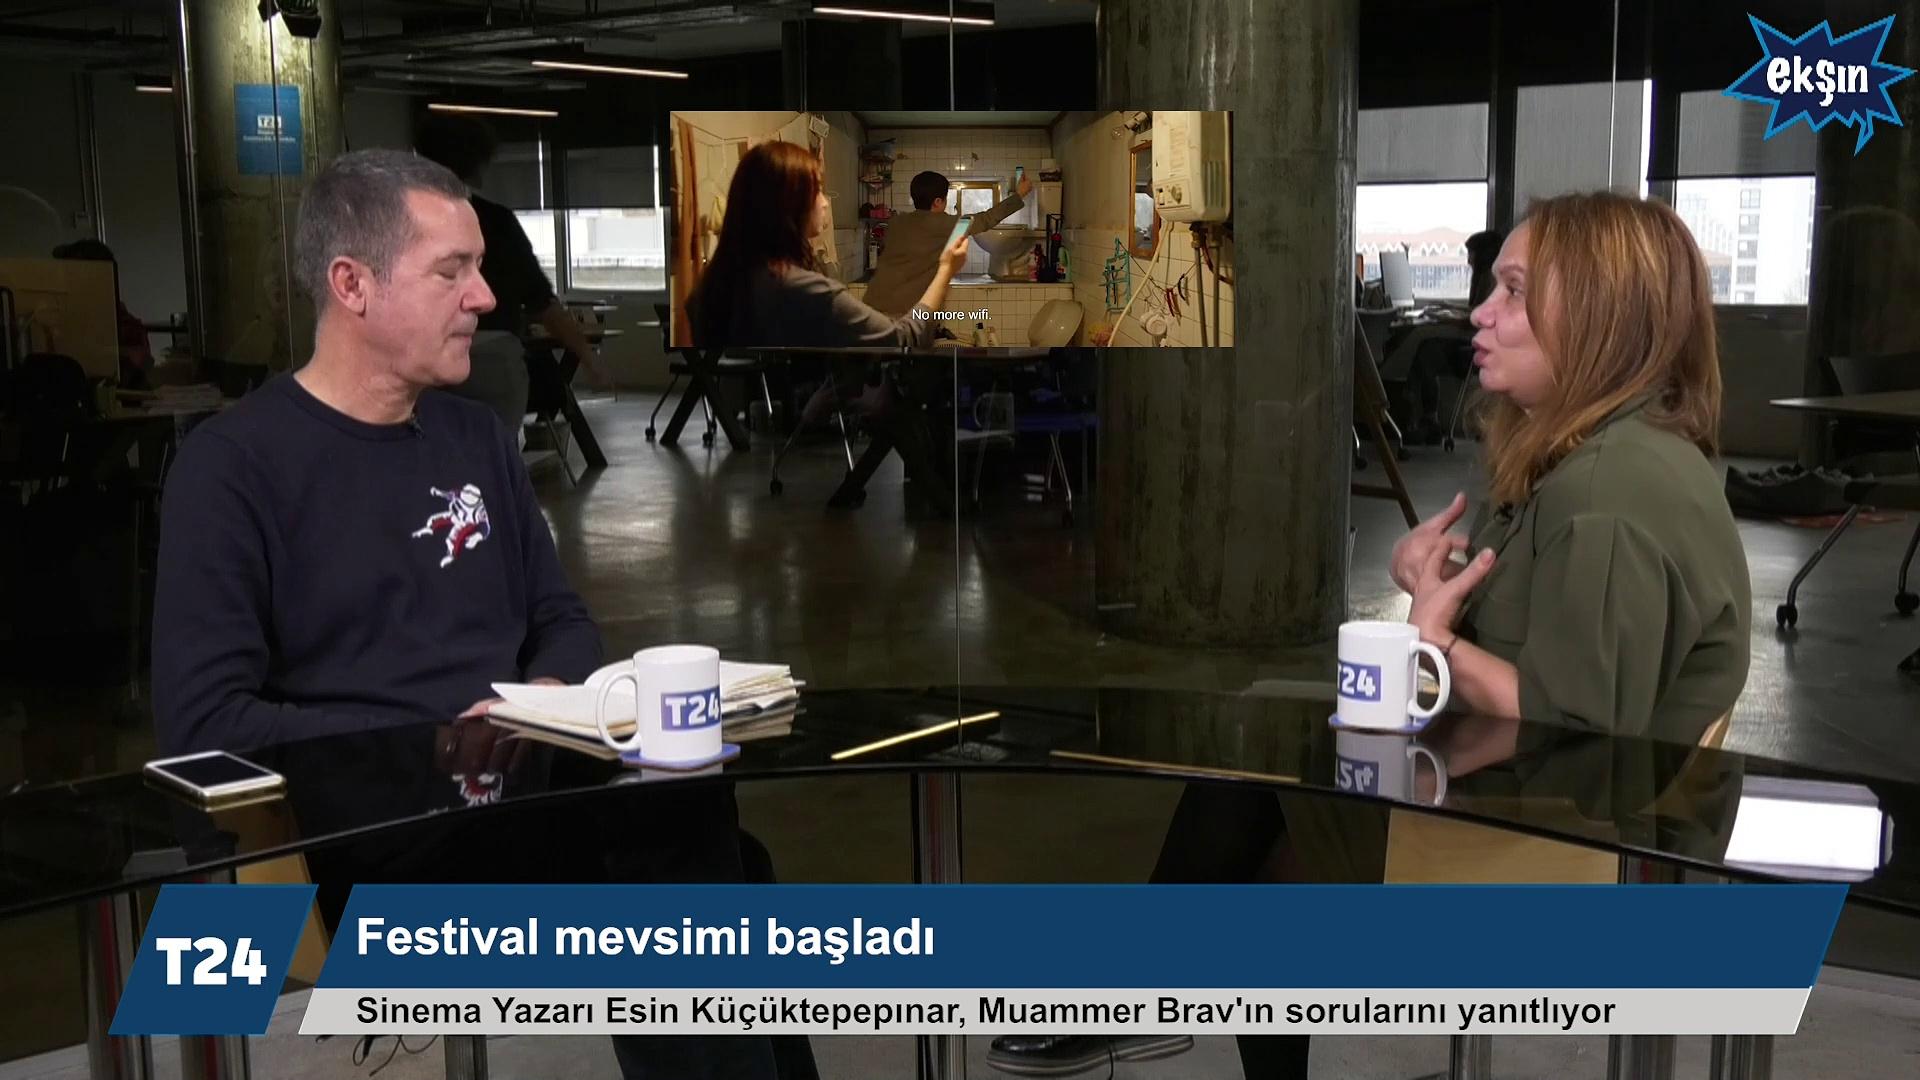 Berlin'den İstanbul'a festival mevsimi başladı; Türkiye sinemasında yaratıcılık krizi mi var?